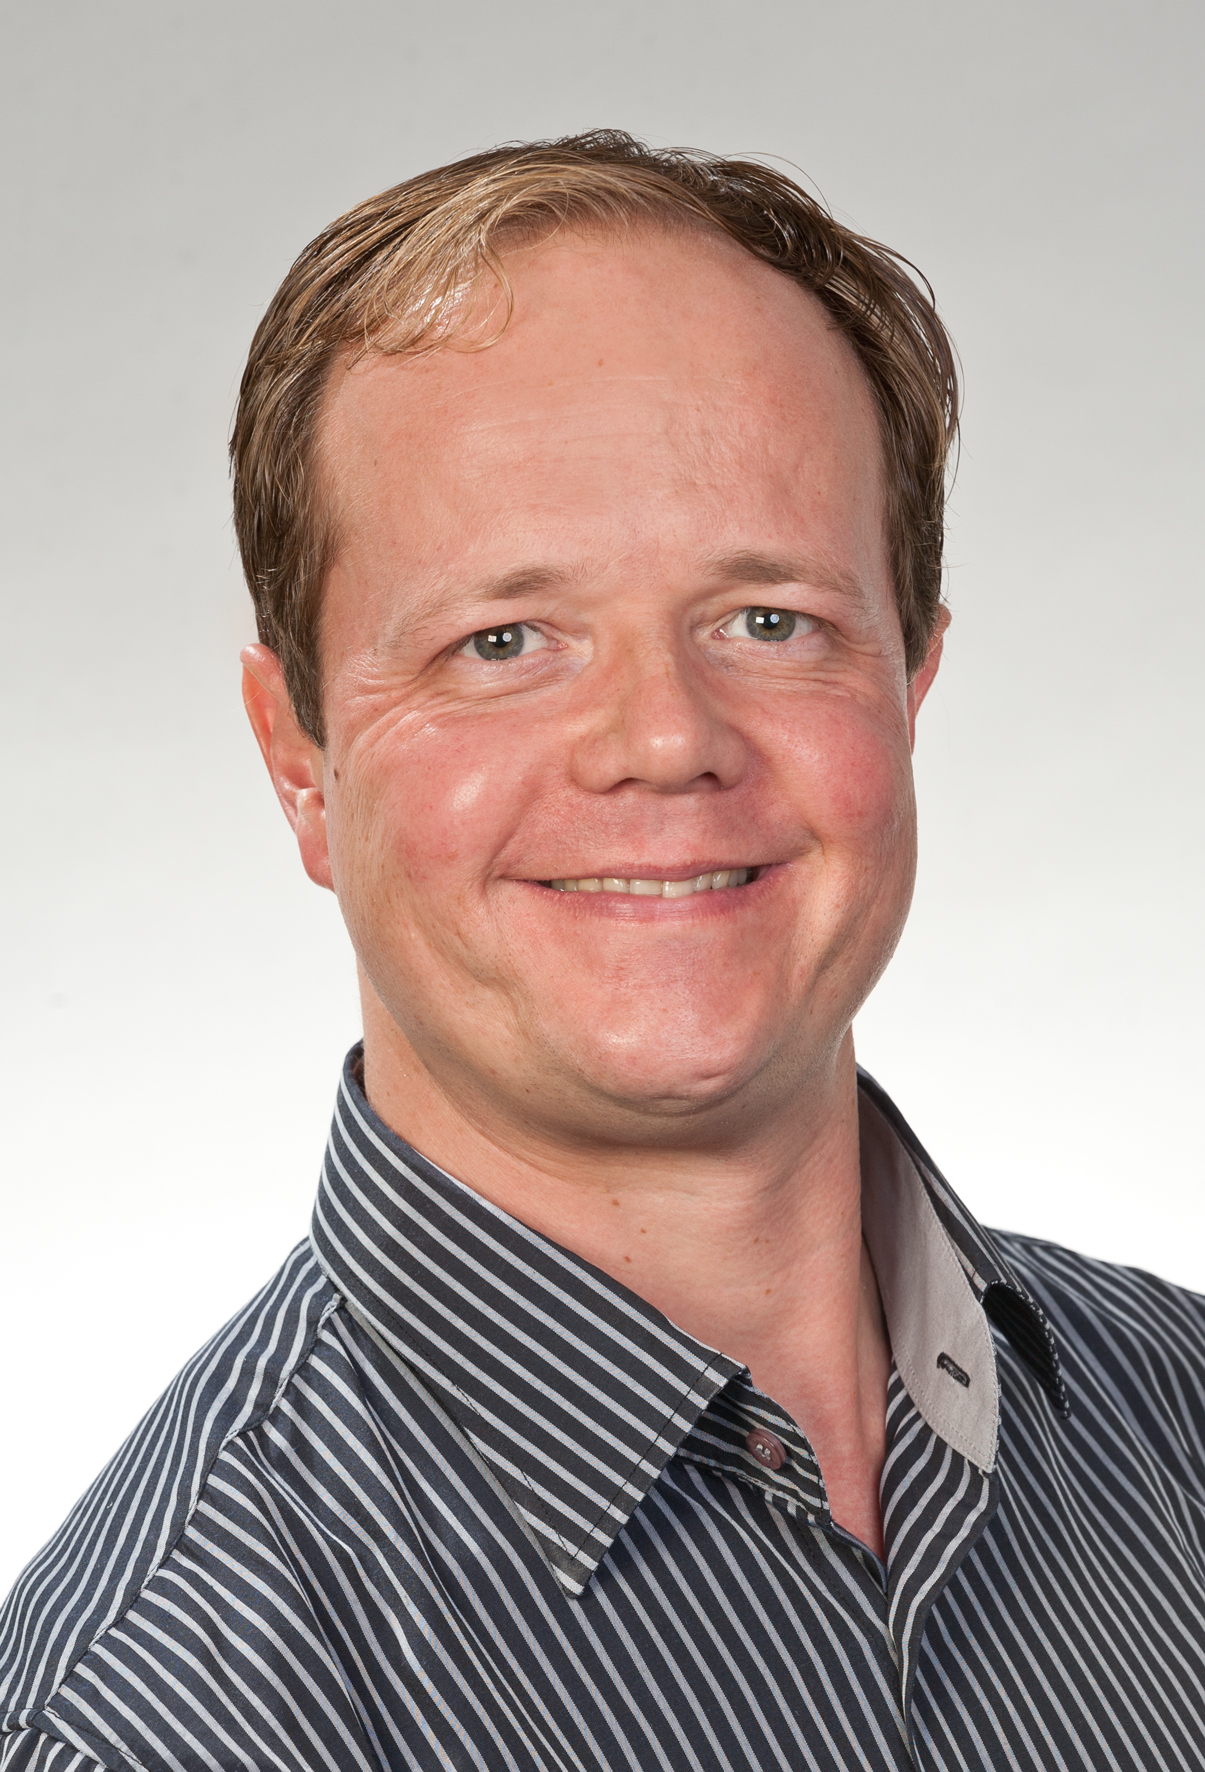 Patrick Gerber - ADTV Tanzlehrer, Tanzsporttrainer C im Leistungssport, Fachlehrer für Discofox, Instructor Salsa und Club Agilando, Turniertänzer